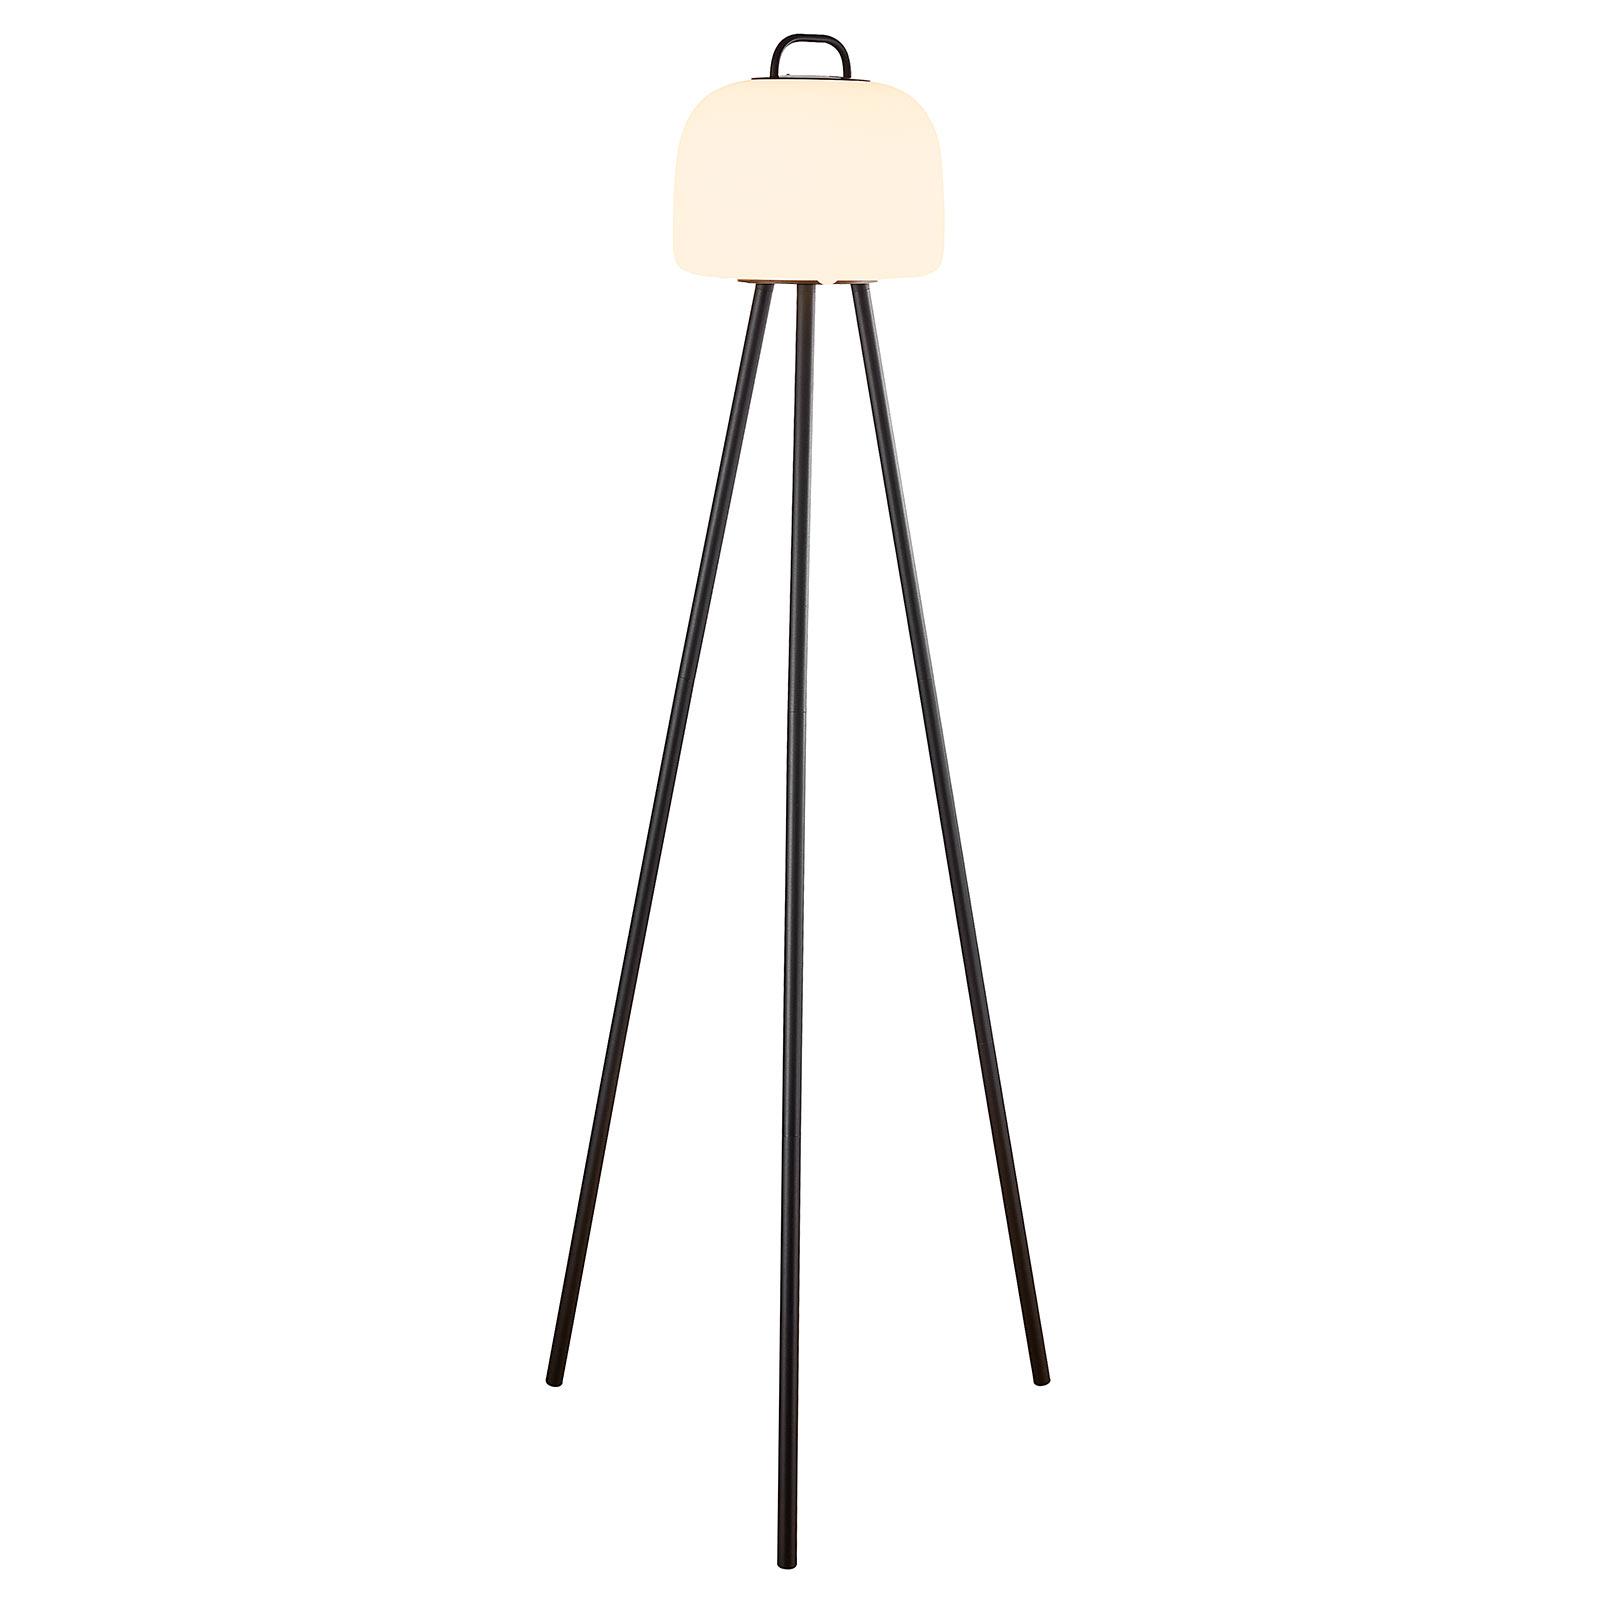 LED-lattiavalaisin Kettle Tripod, varjostin 22 cm